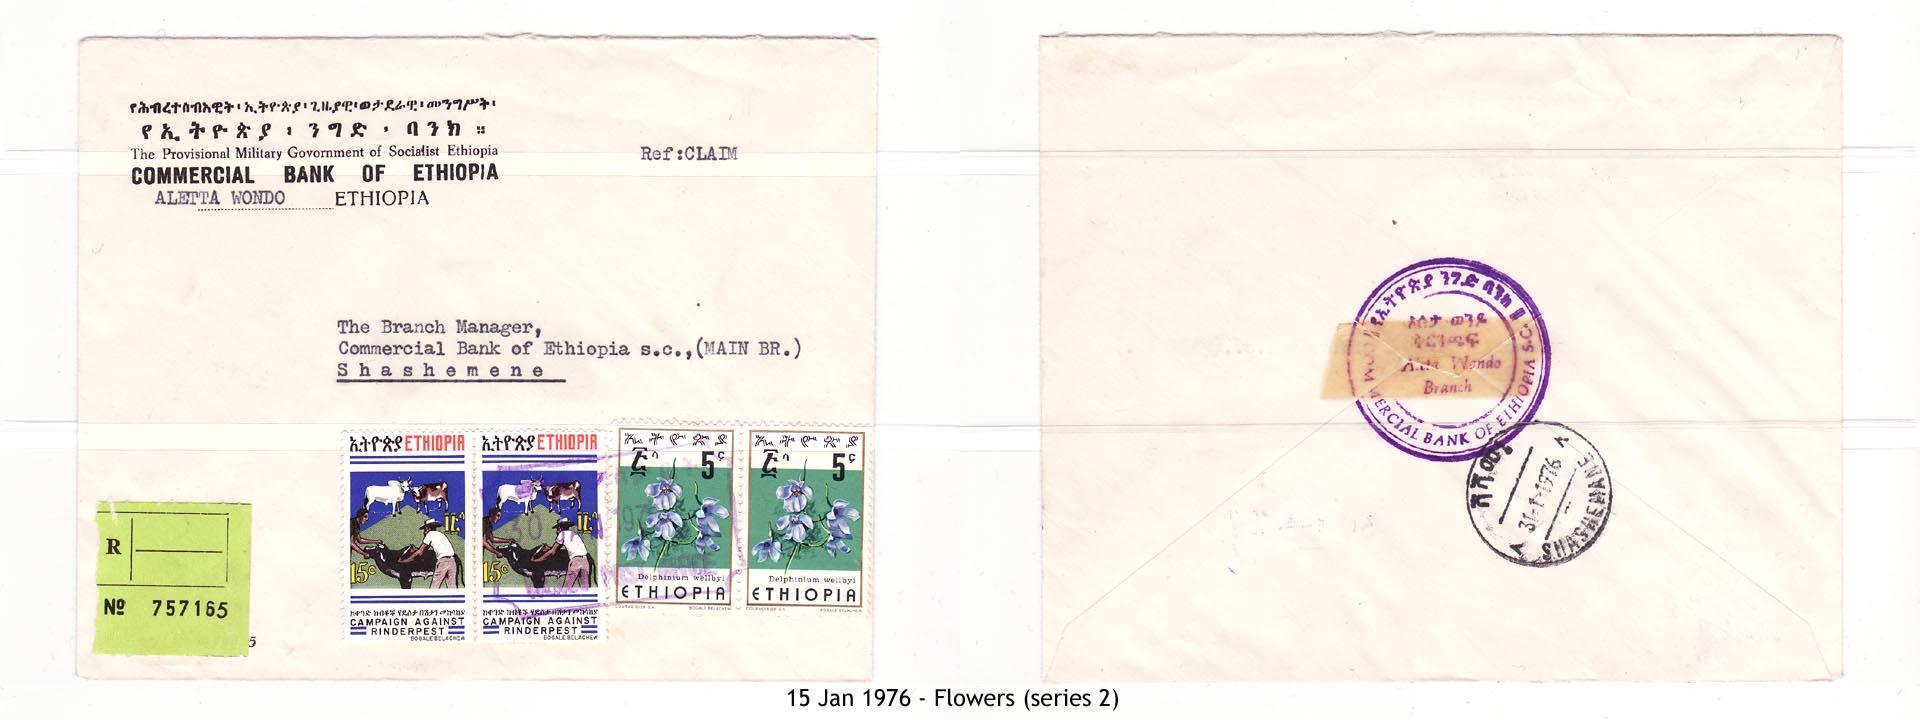 19760115 - Flowers (series 2)